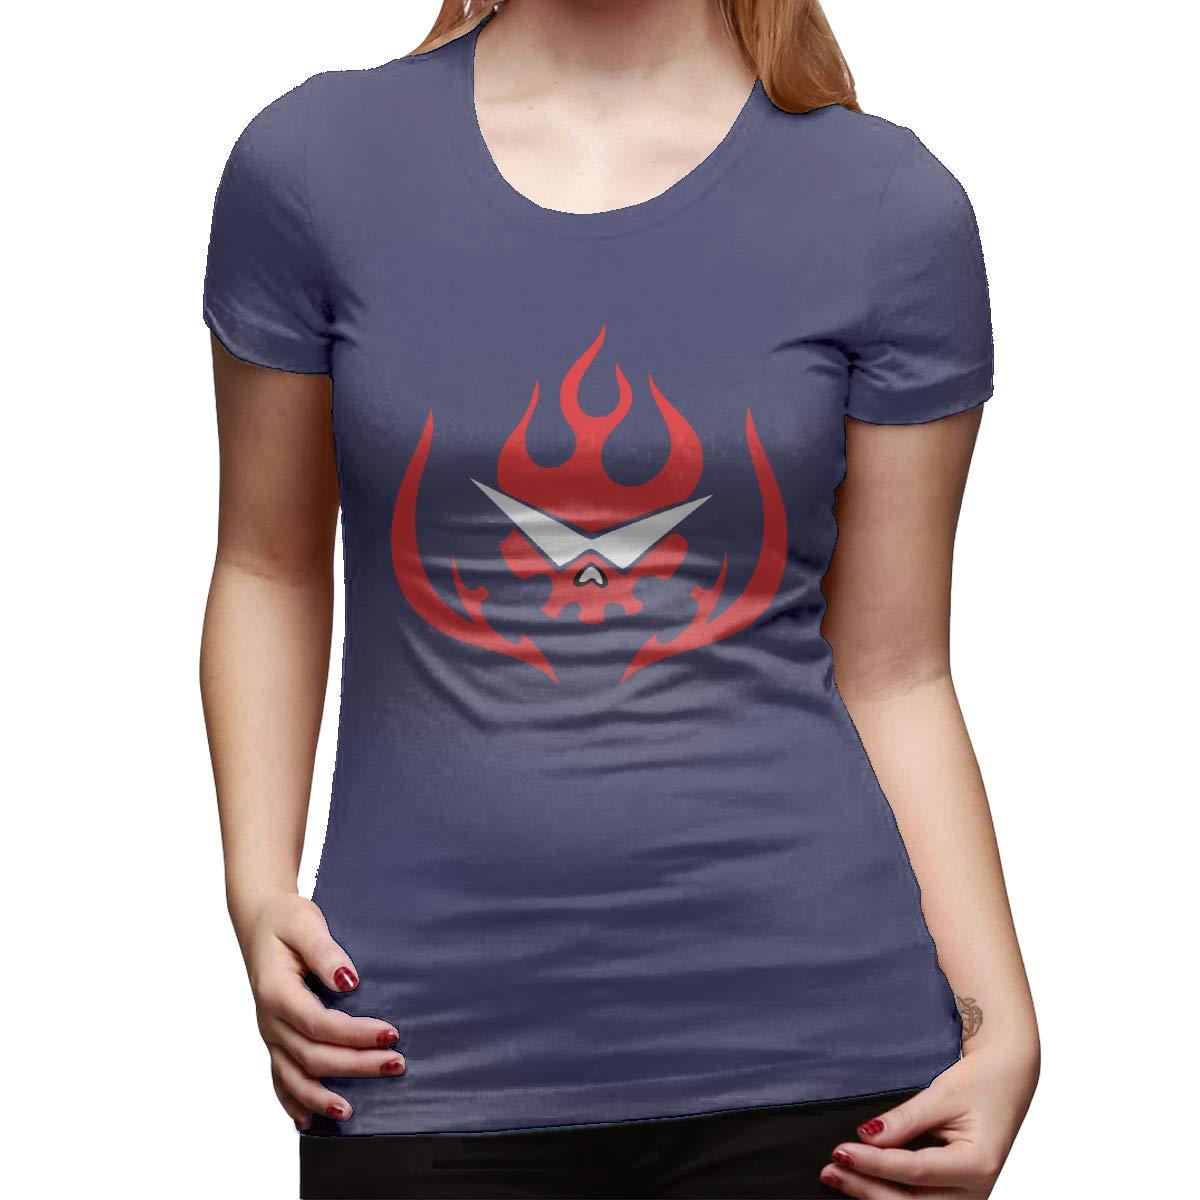 Nojfpaf Gurren Lagann Logo Short Sleeve 1979 Shirts